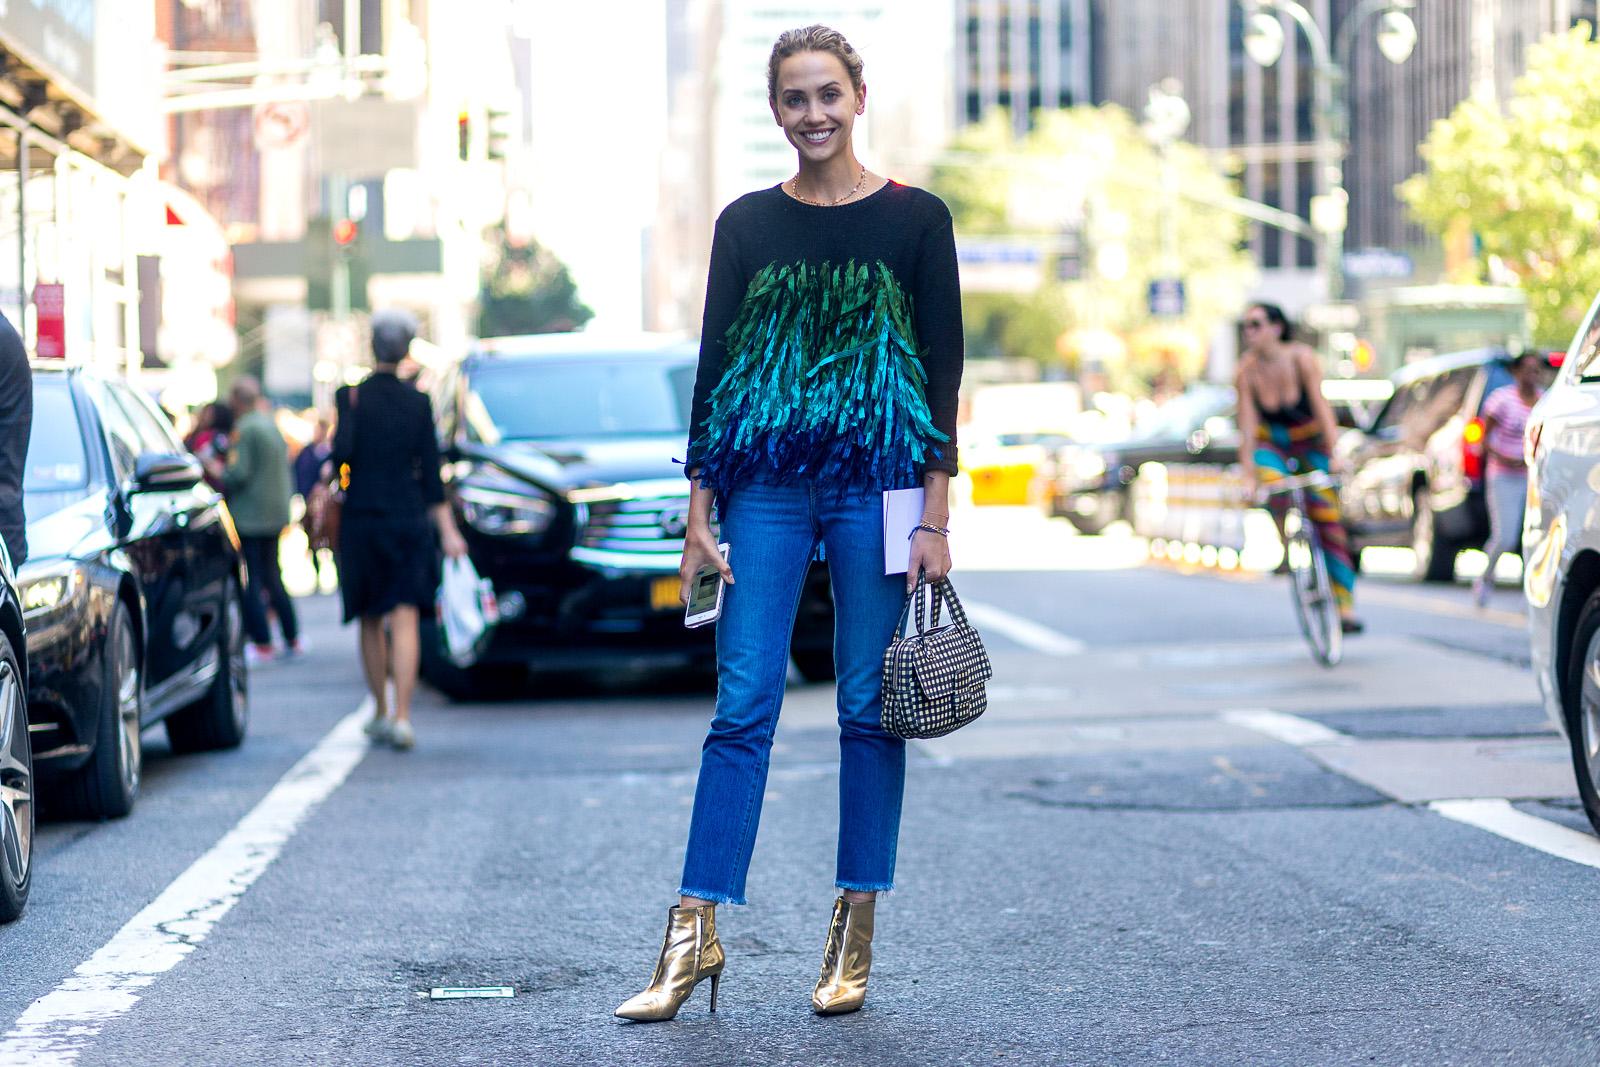 عروض الشارع على هامش اسبوع الموضة بنيويورك